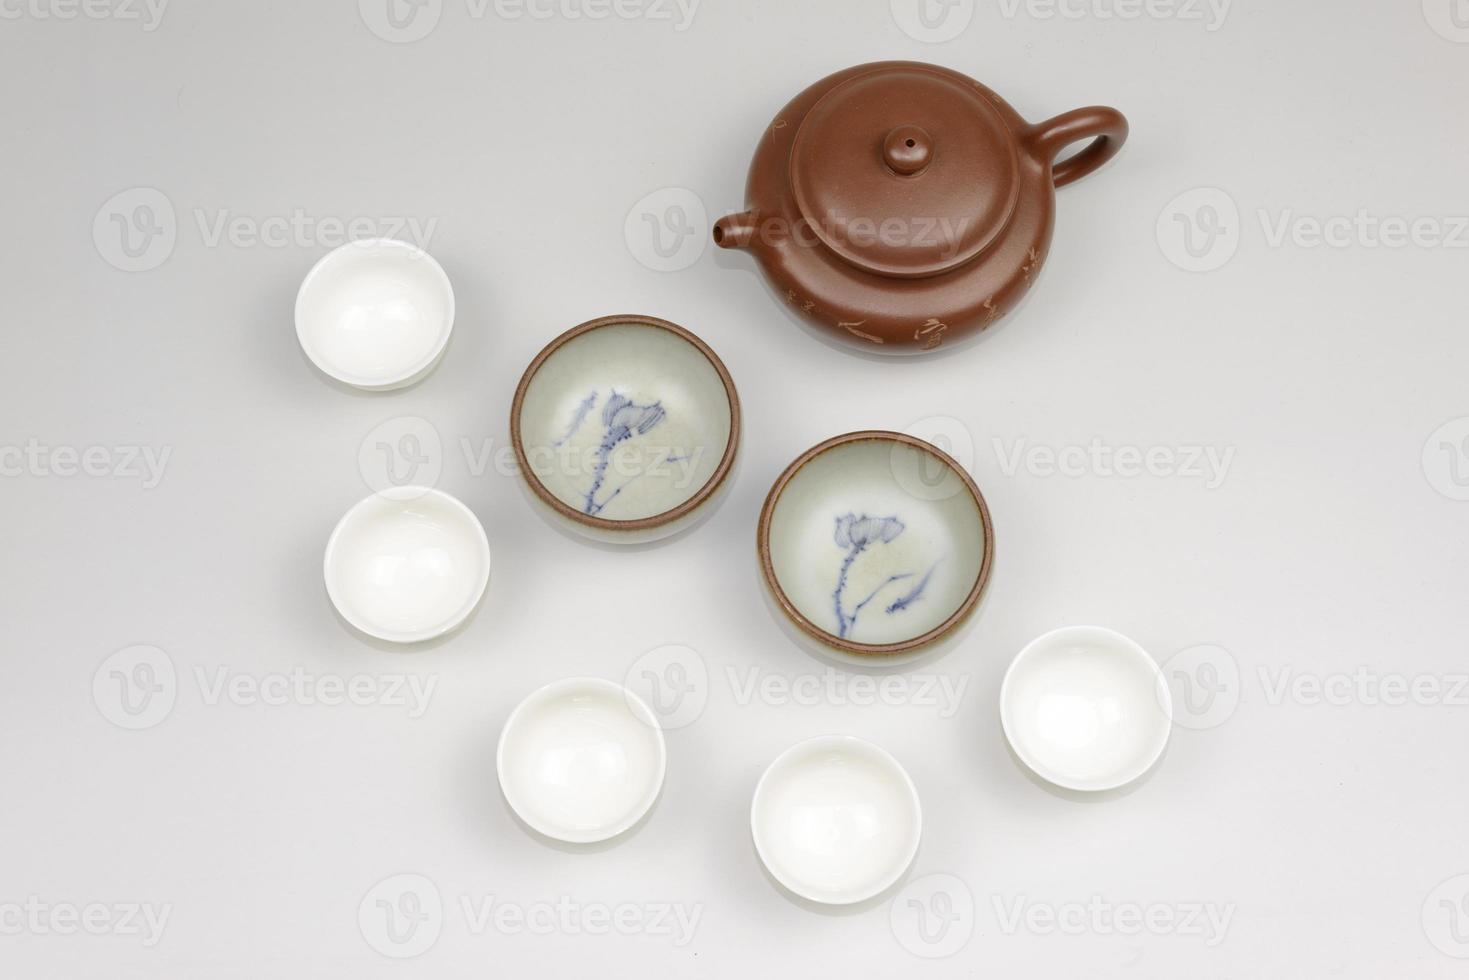 théière et tasses à thé photo